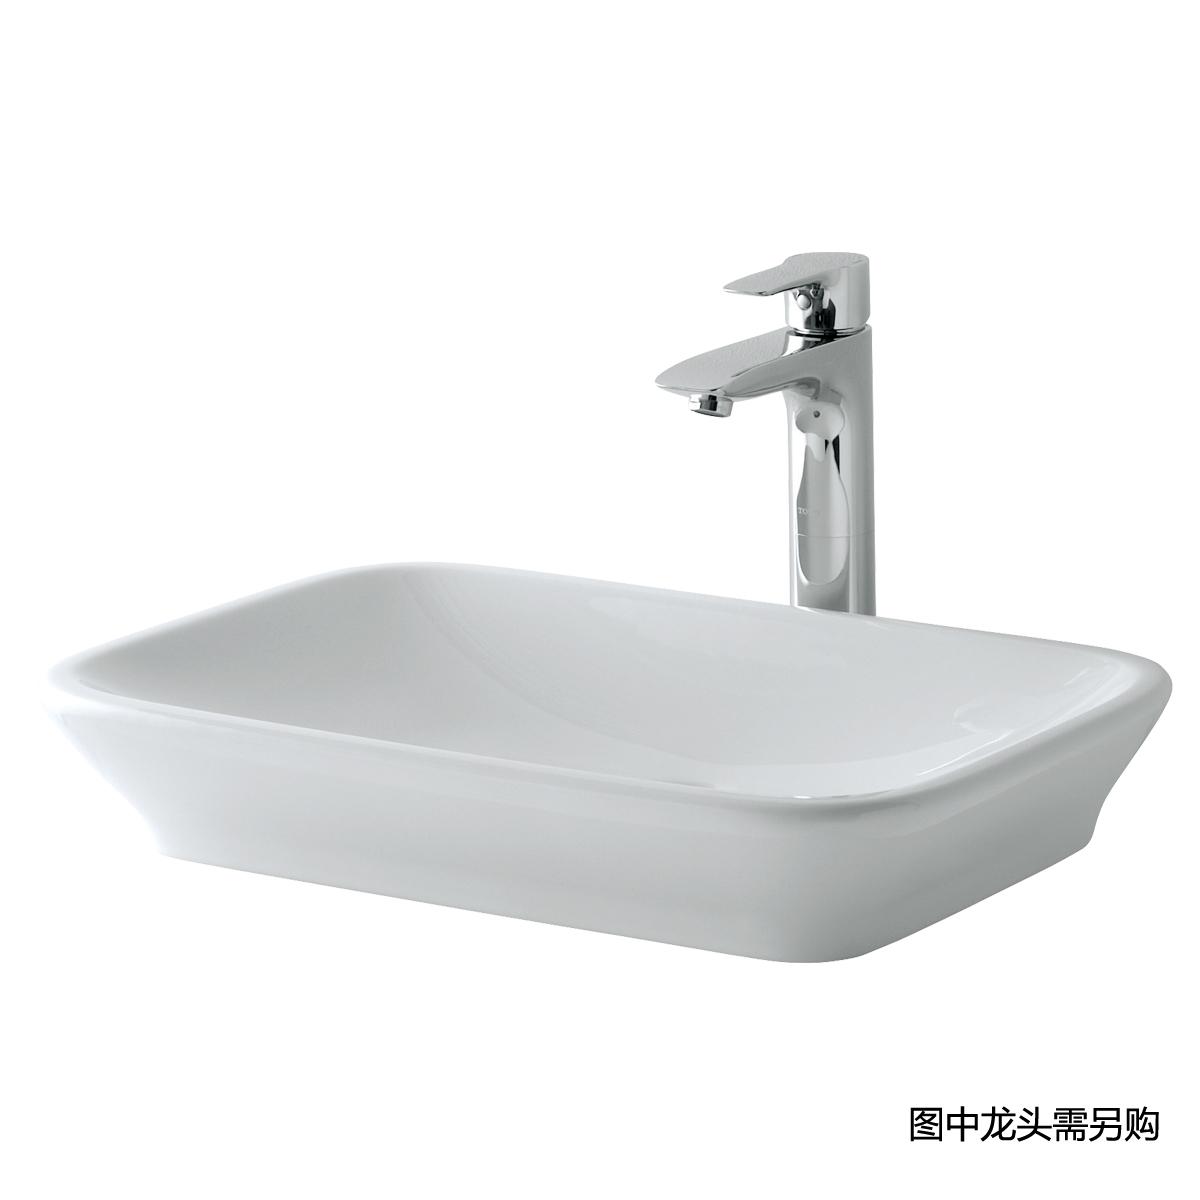 桌上式洗脸盆LW161B